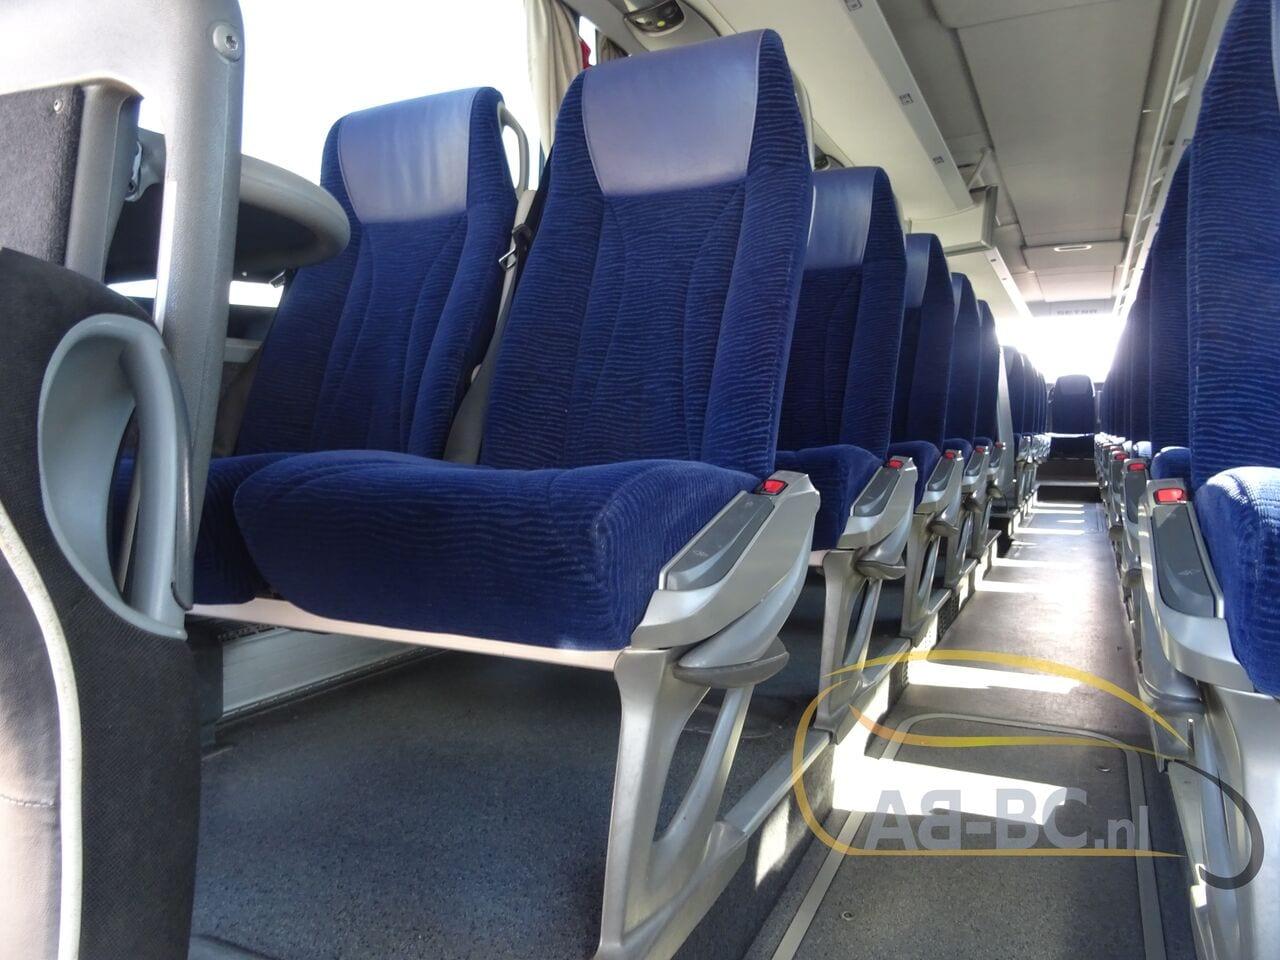 coach-busSETRA-S415-GT-HD-FINAL-EDITION-51-SEATS-LIFTBUS---1620382013615025051_big_d4c279af7cf16ec08b737155ee9b71c7--21050713010665719300